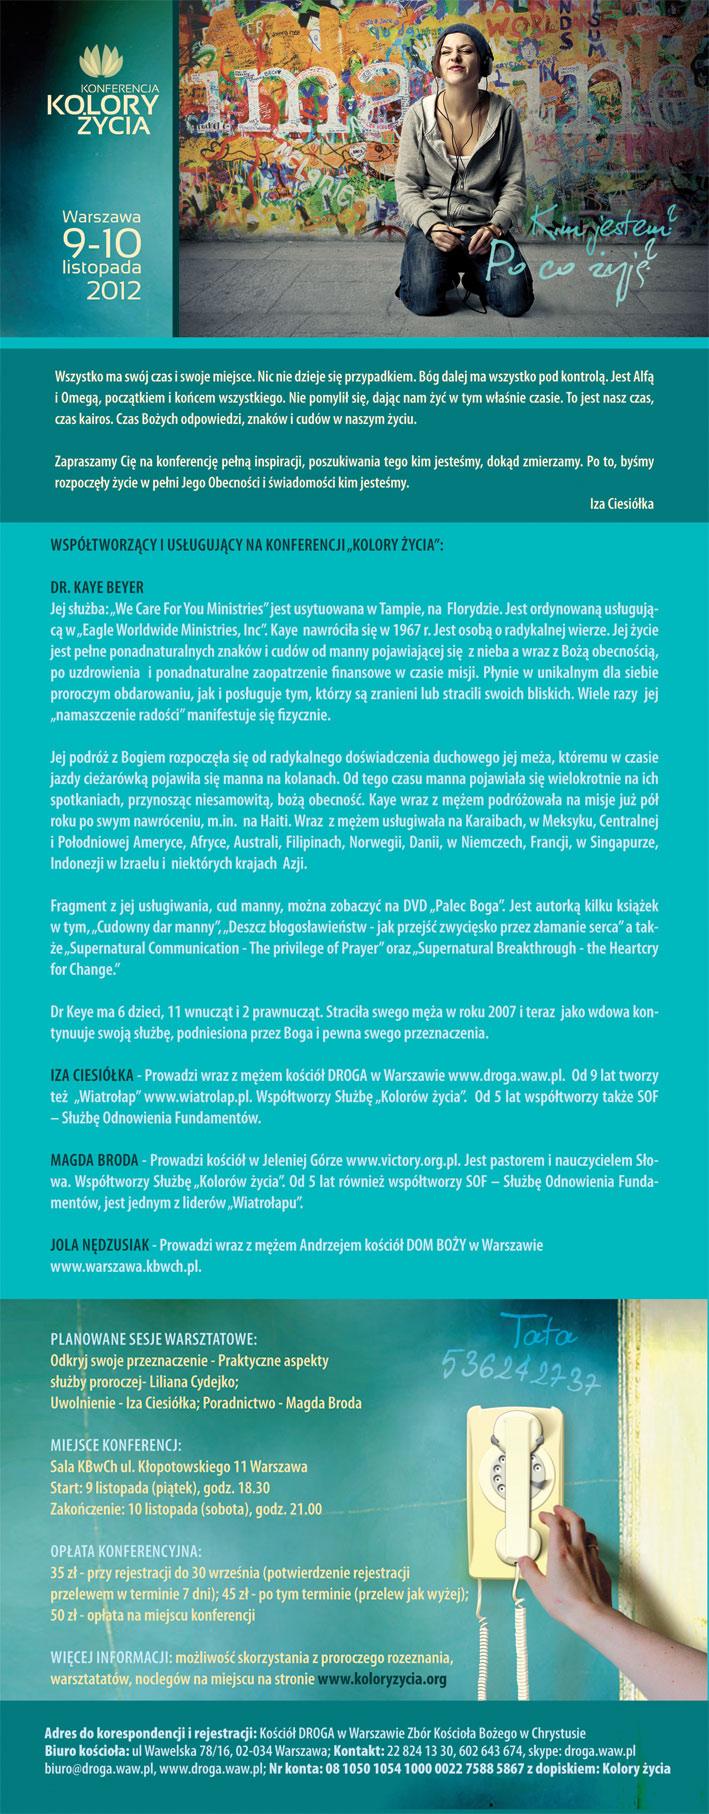 Rejestracja Kolory Życia 2012